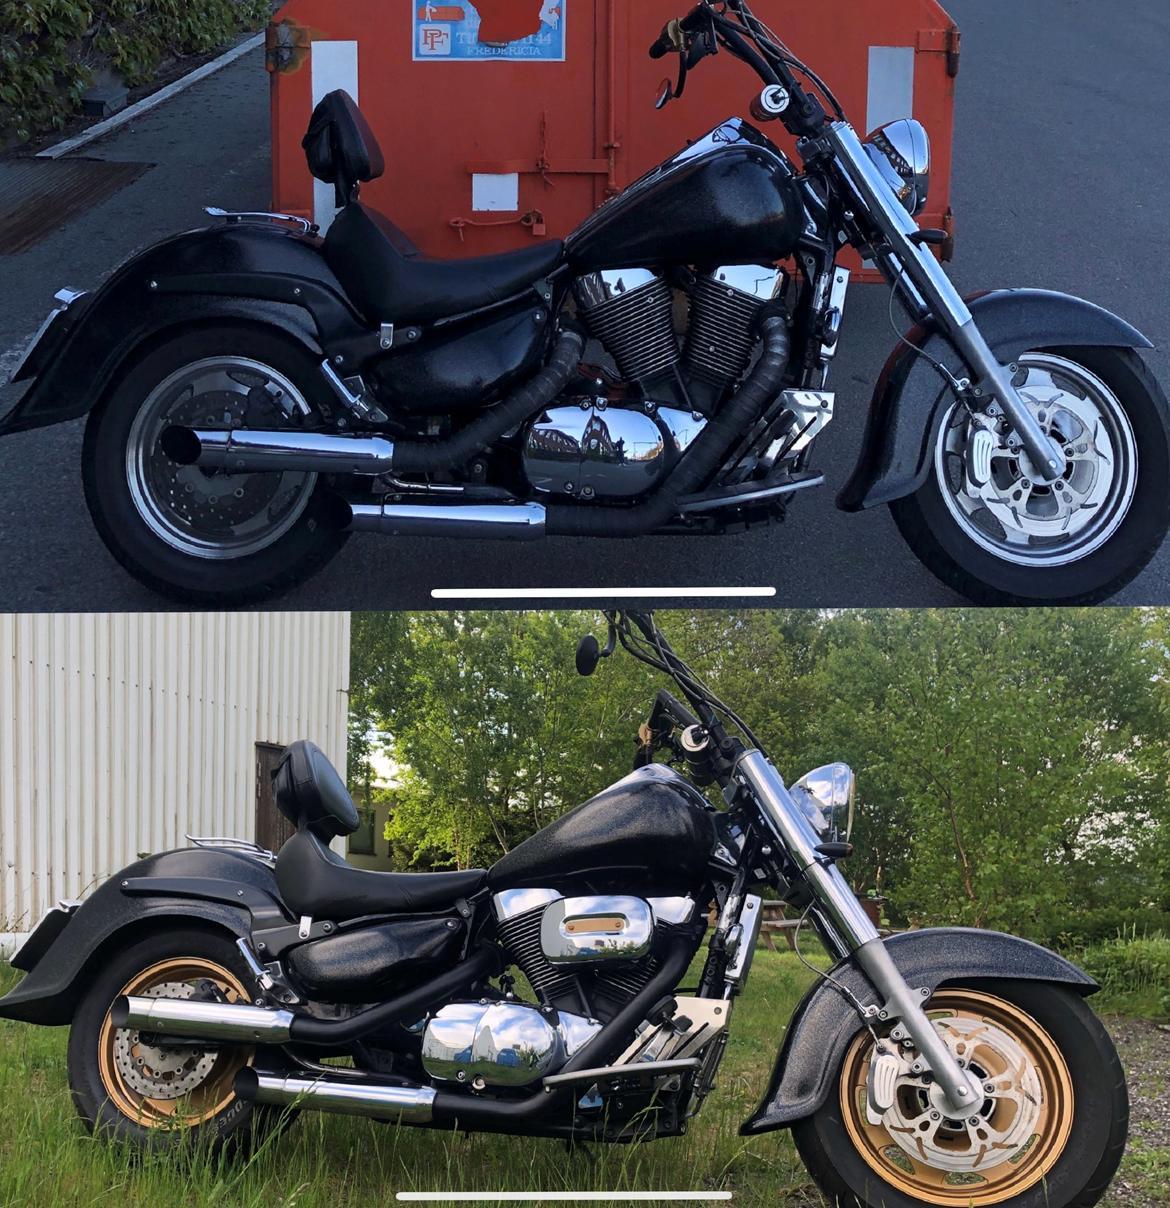 Suzuki VL 1500 billede 2